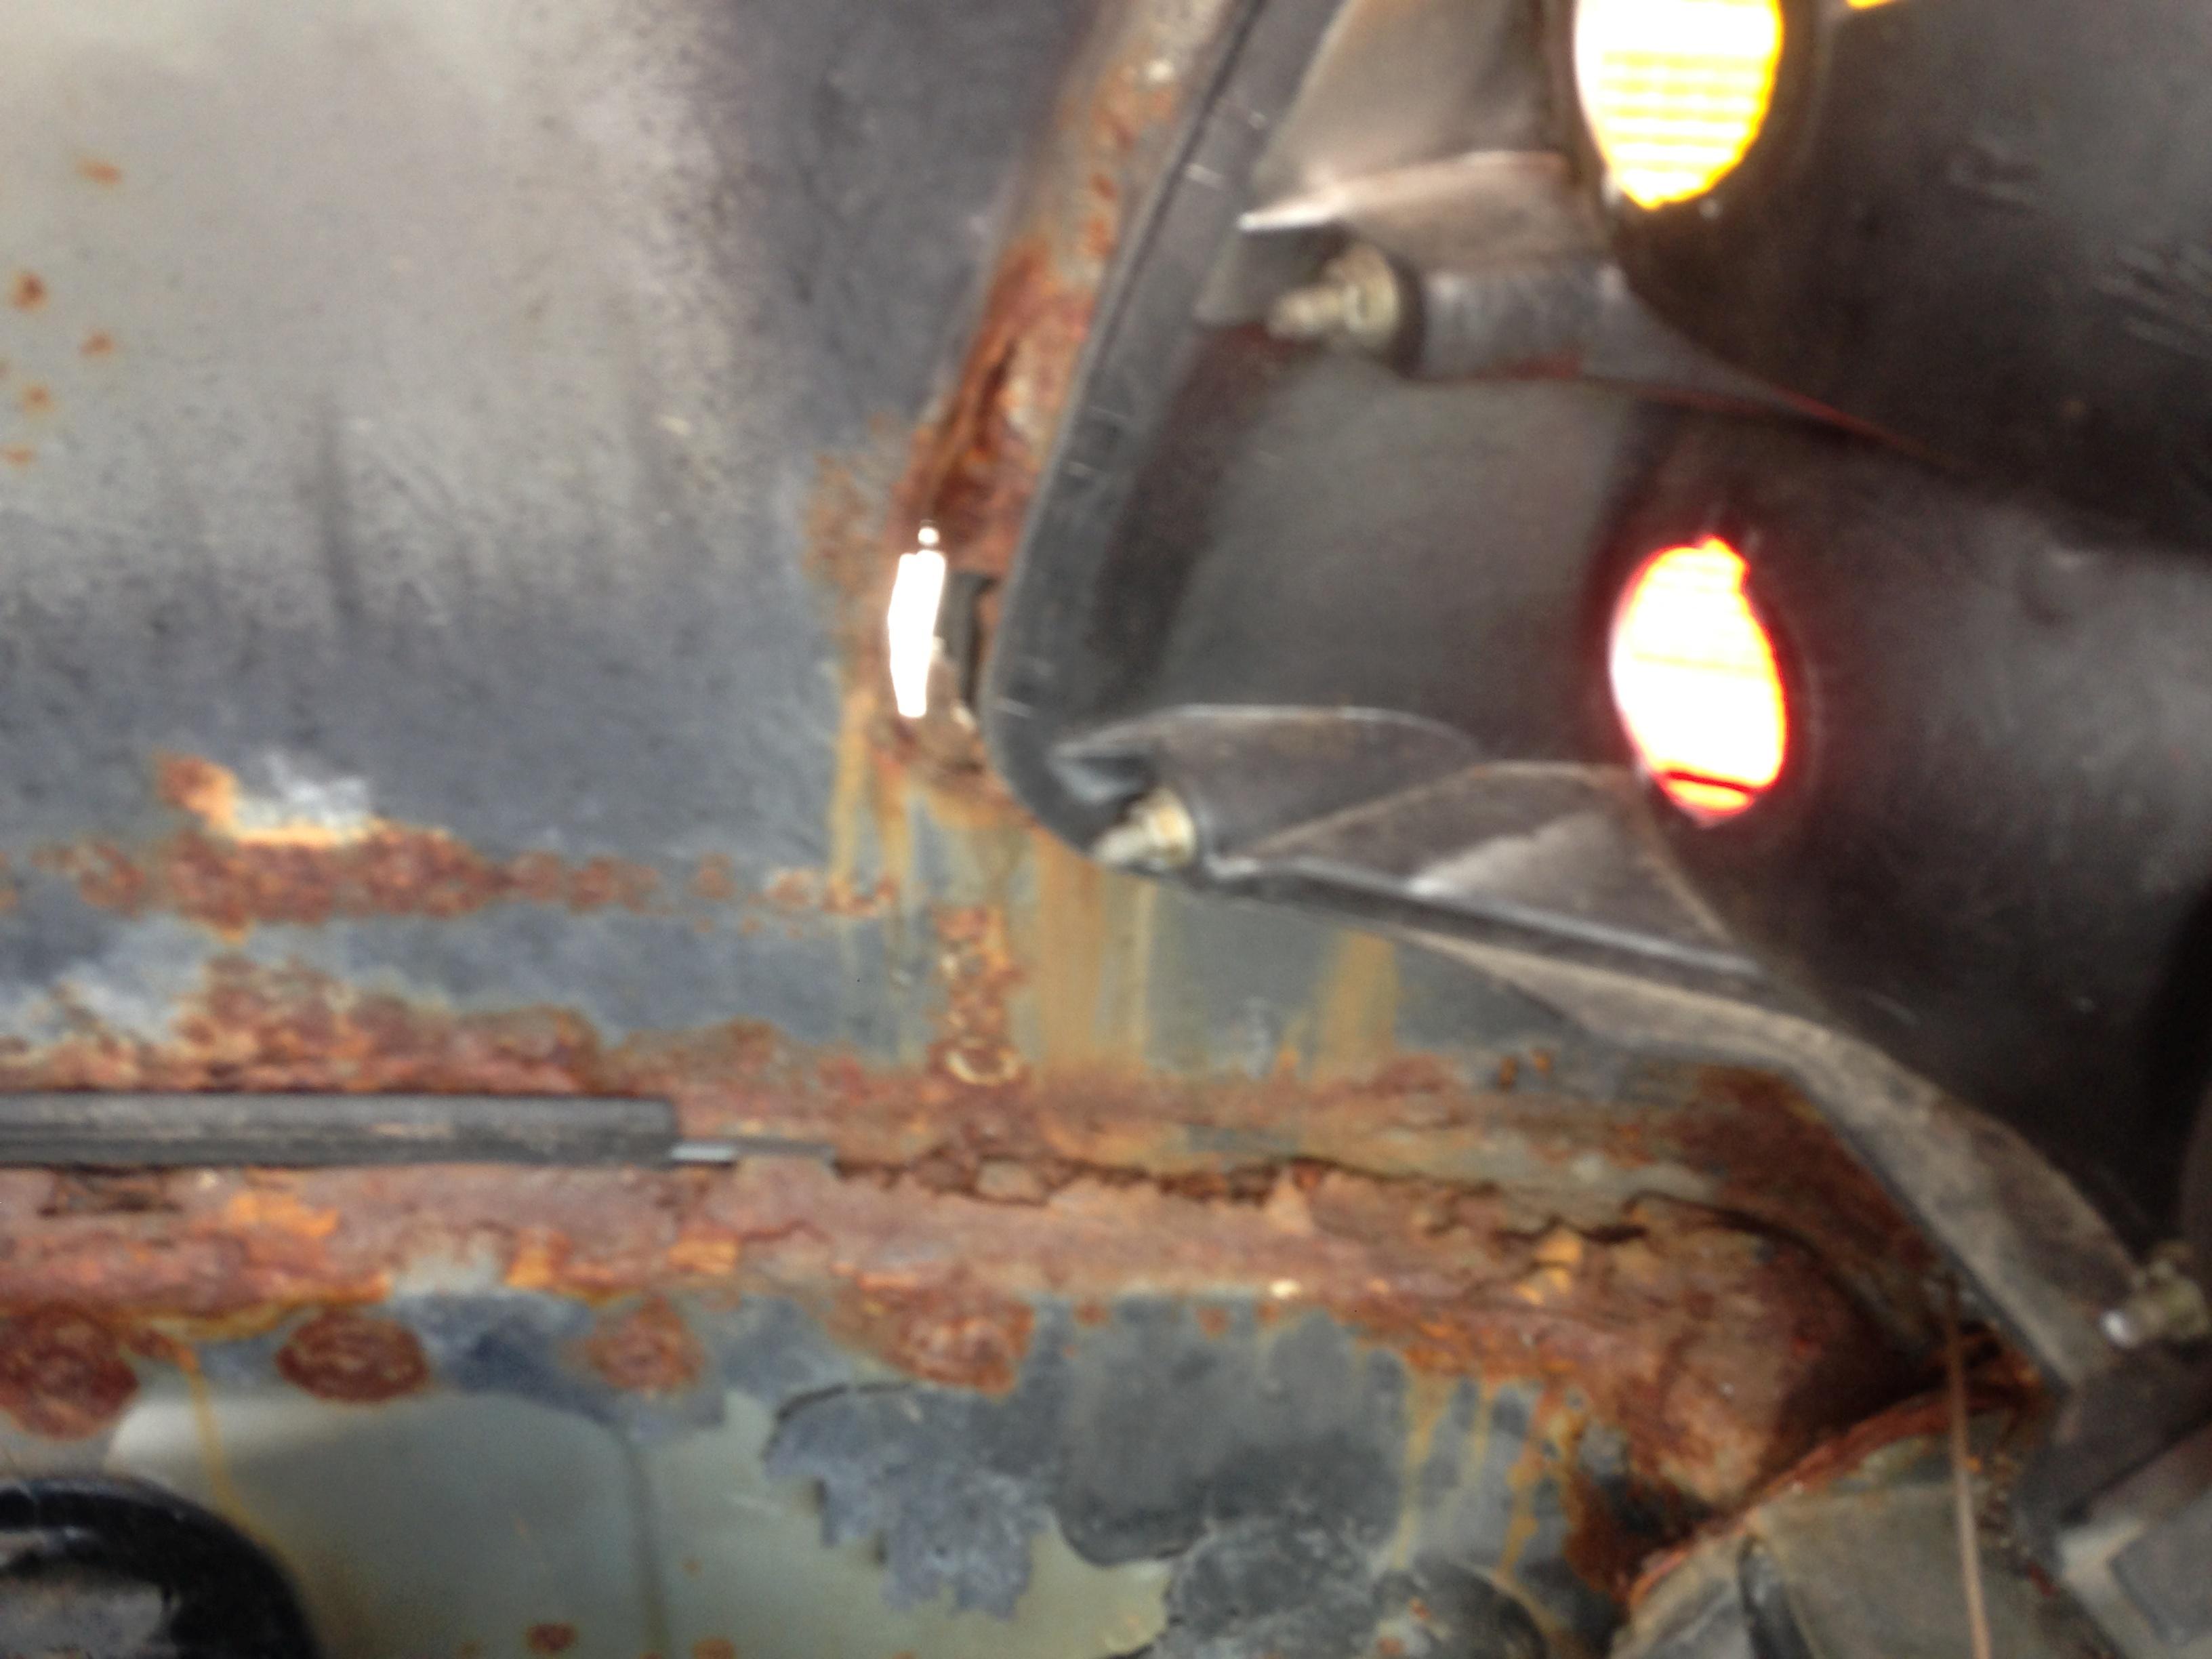 W124 Kofferraum h.r.: Wenn es im Kofferraum hinter den leicht demontierbaren Seitenverkleidungen so aussieht, ist jede Mühe vergebens. Schon eine kleine Roststelle an dieser Position sollte Anlass sein für eine gründlichen Überprüfung des Fahrzeugs.